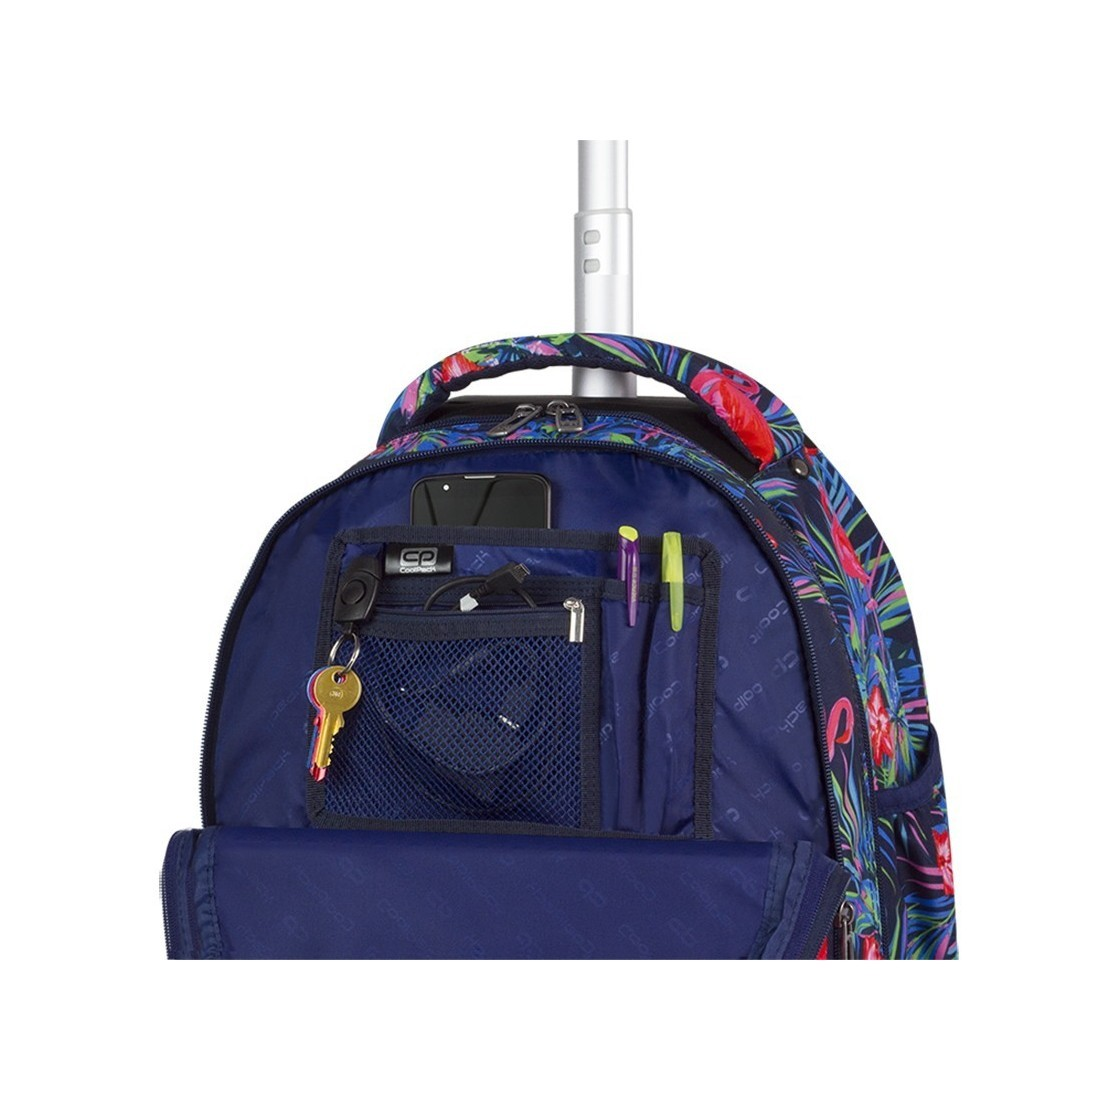 0fe5a6b0af6f5 Plecak szkolny CoolPack CP Combo Pink Flamingo - 2w1 dla dziewczyn ...